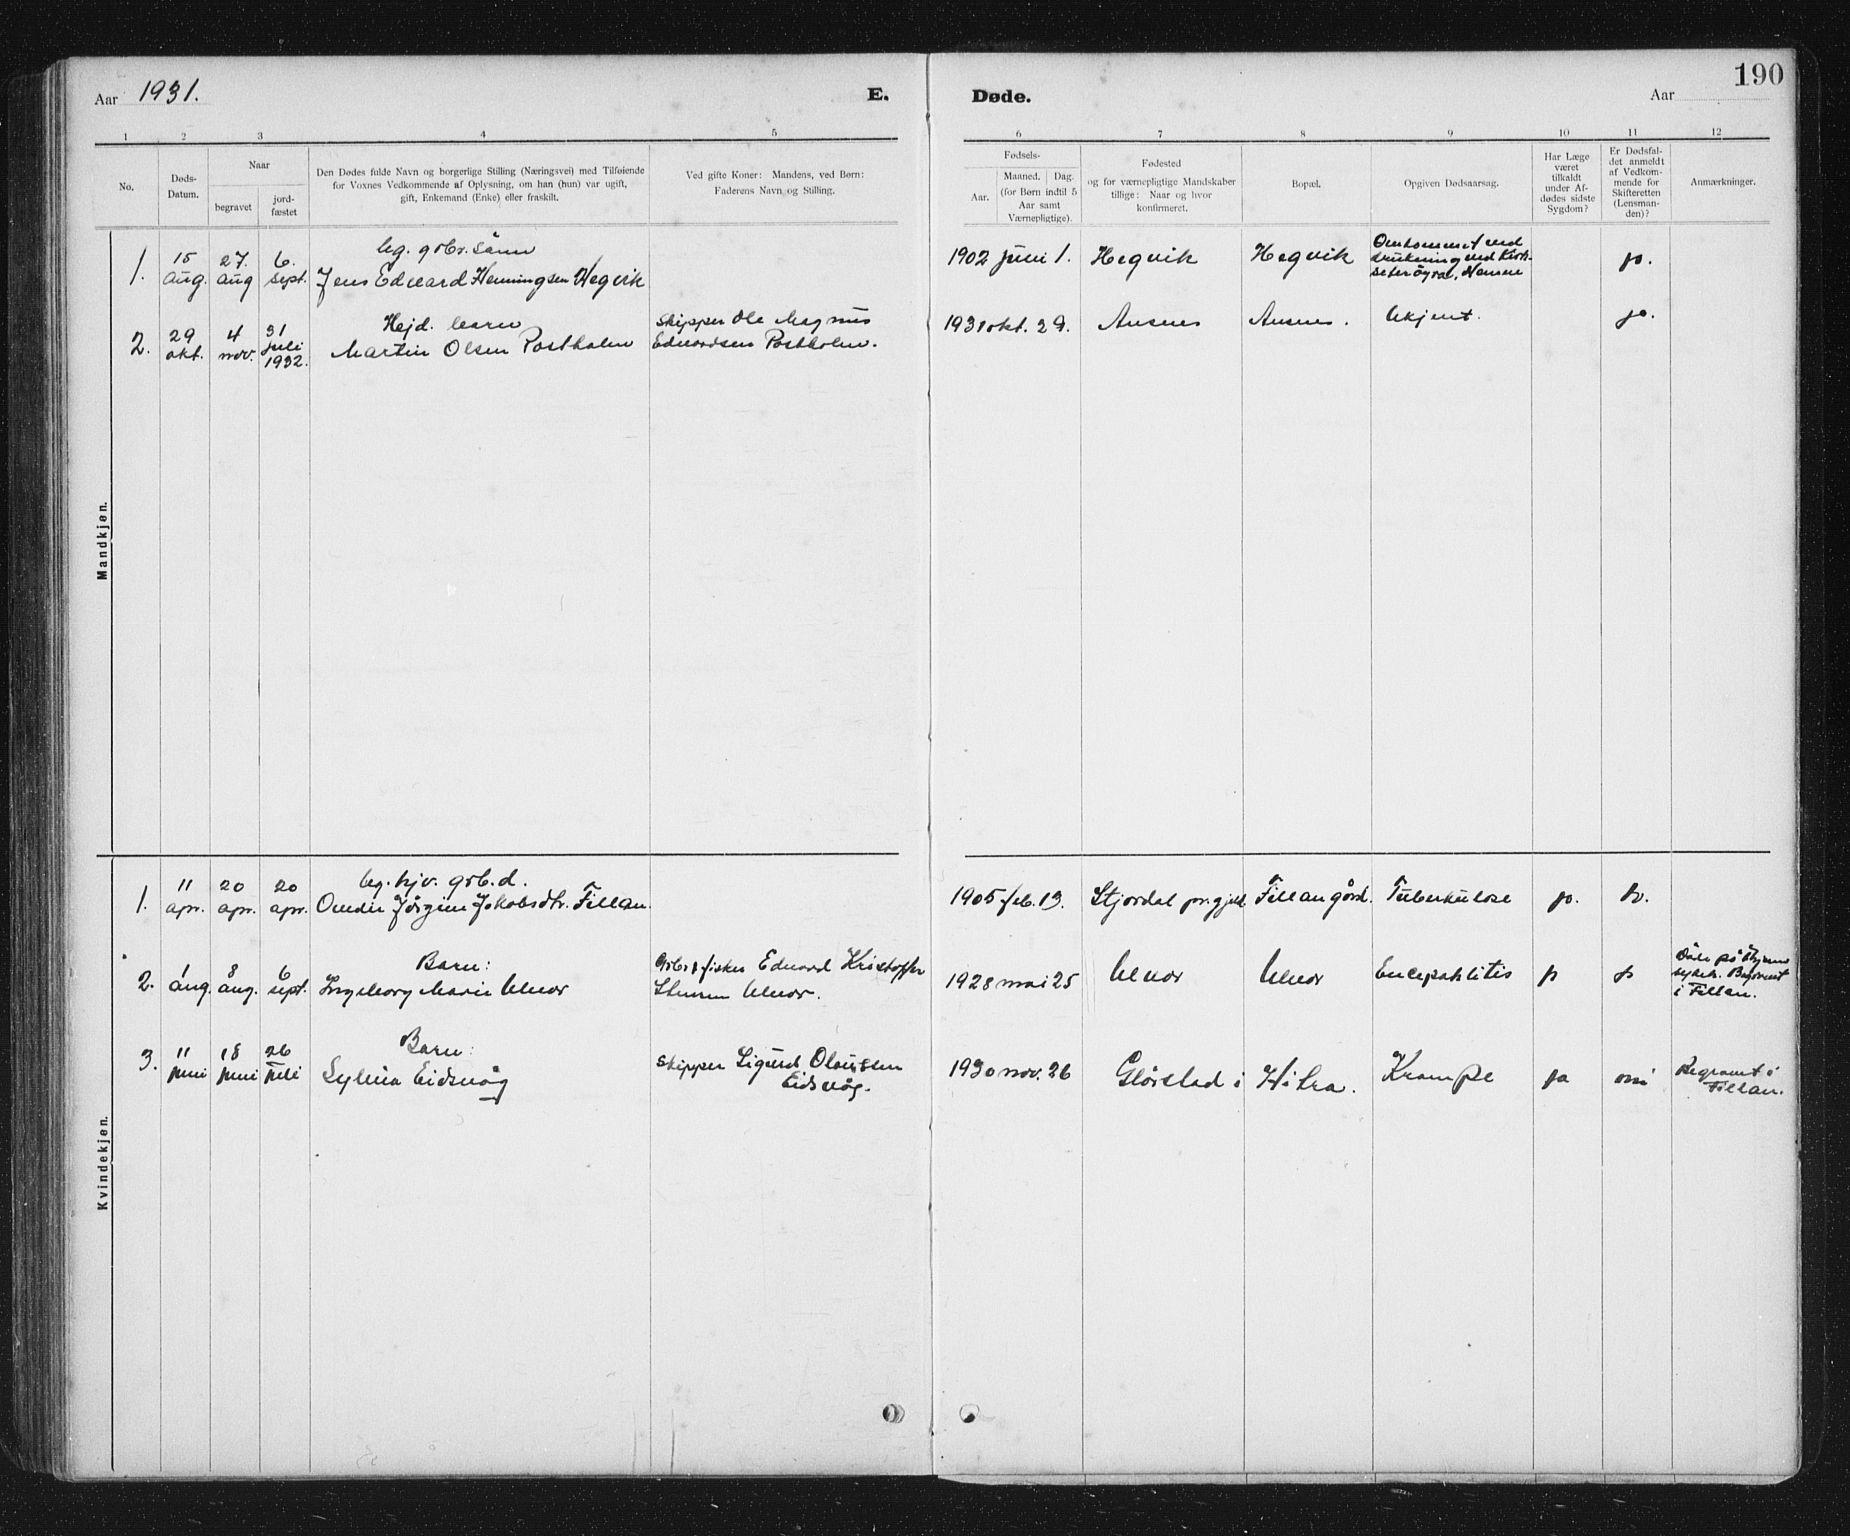 SAT, Ministerialprotokoller, klokkerbøker og fødselsregistre - Sør-Trøndelag, 637/L0563: Klokkerbok nr. 637C04, 1899-1940, s. 190